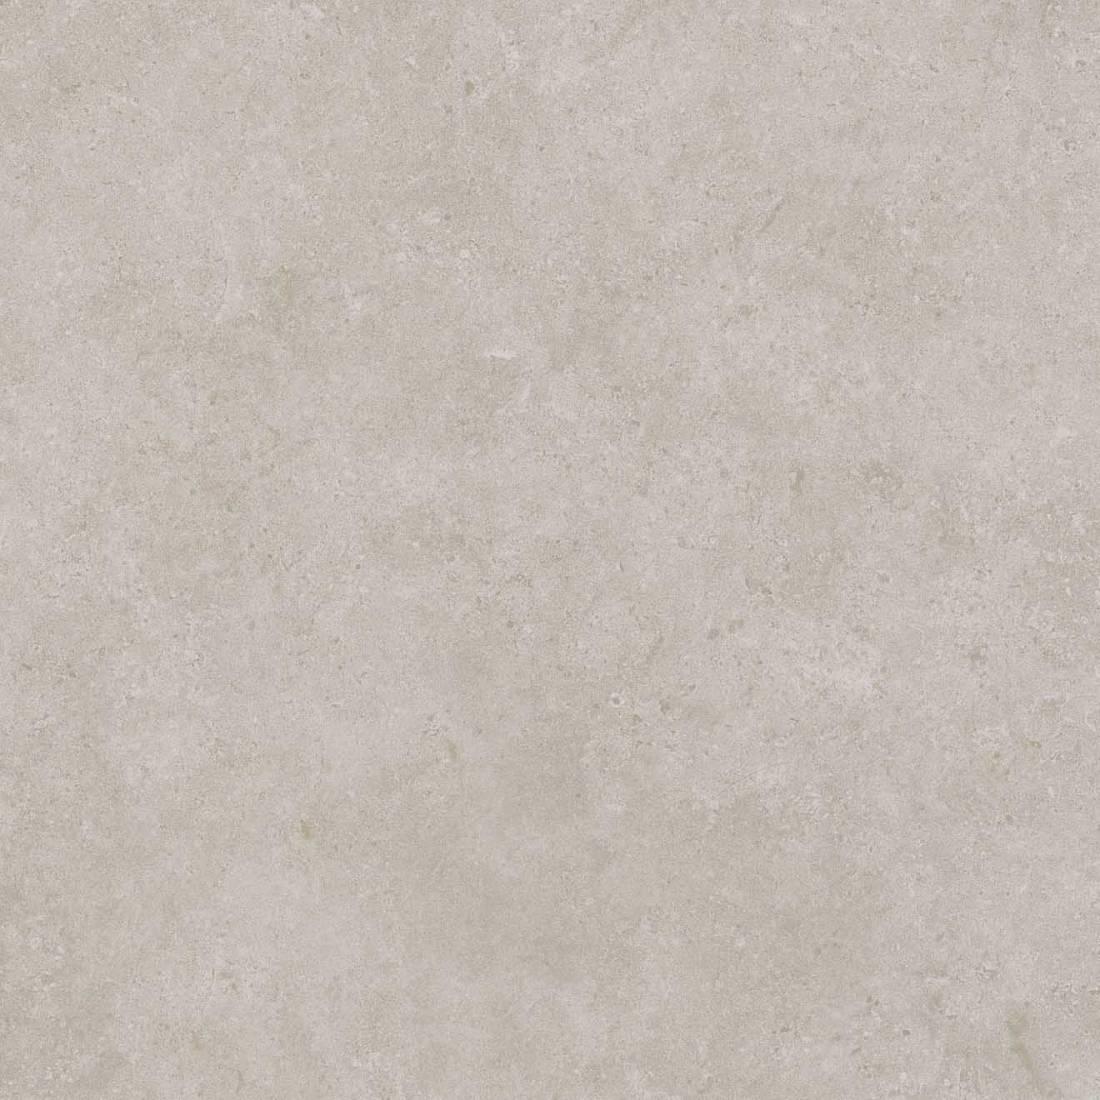 Belgravia 47x47 Taupe Matt 1